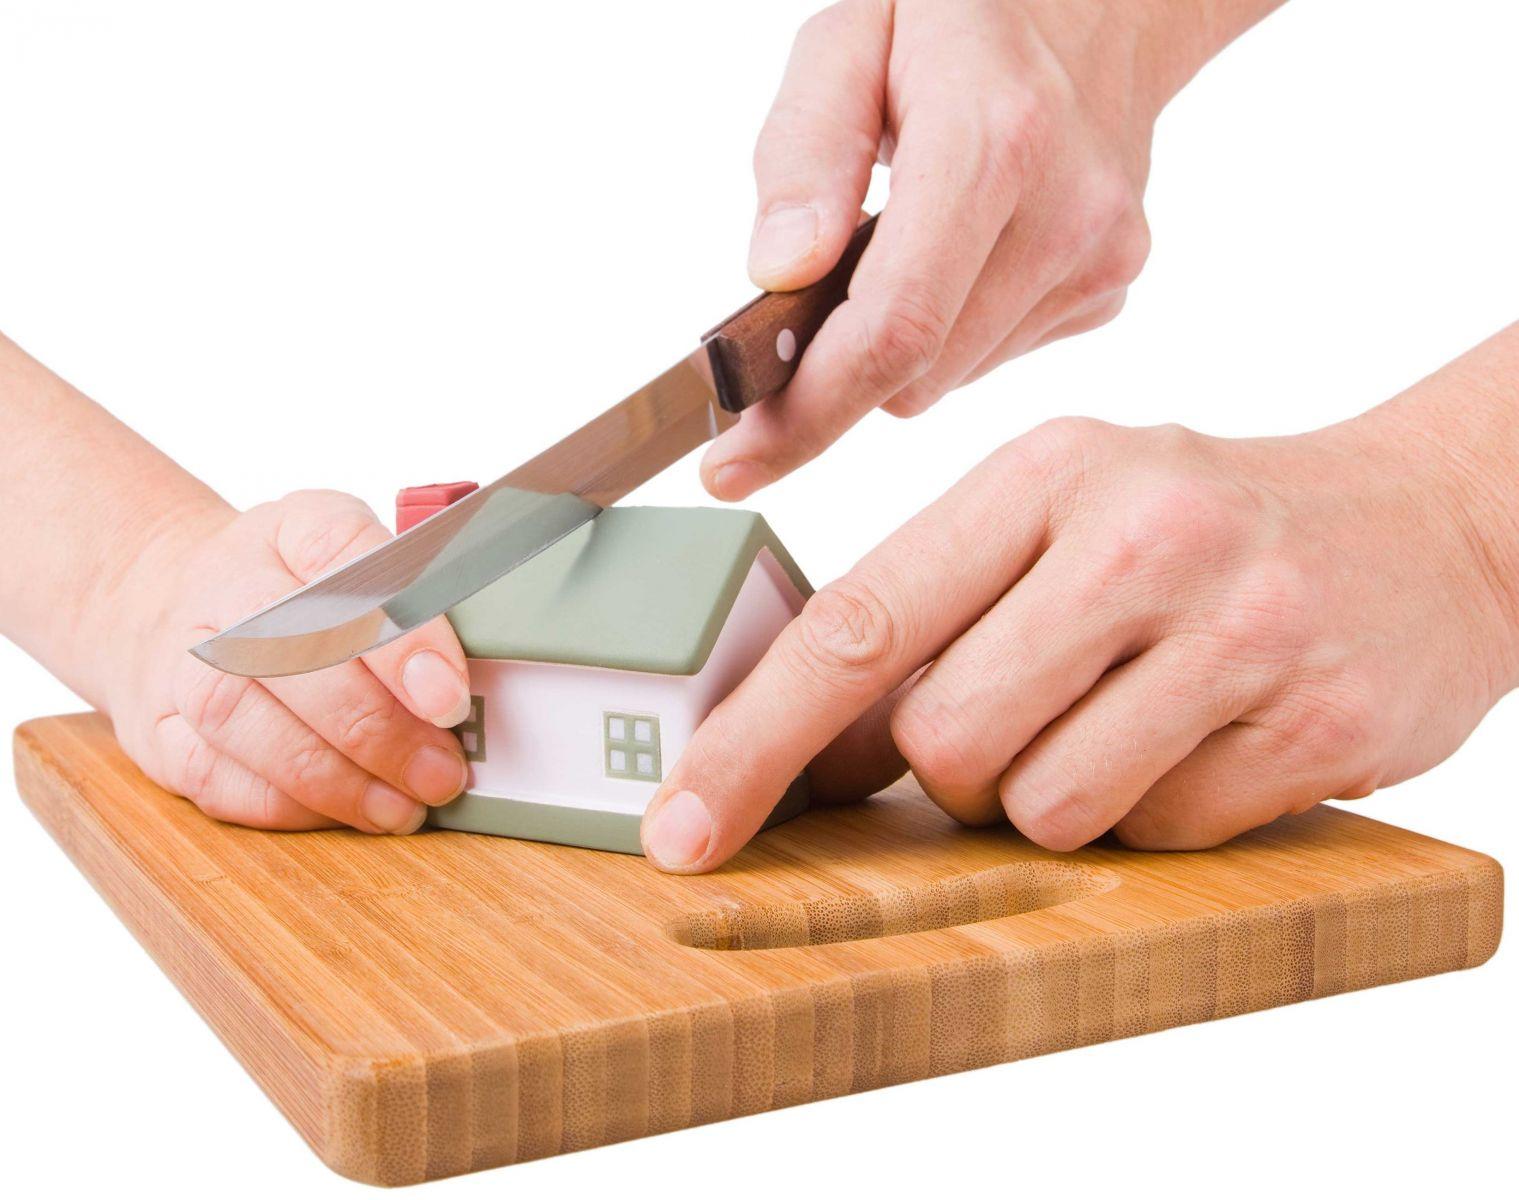 Раздел имущества: важные аспекты решения актуальной проблемы